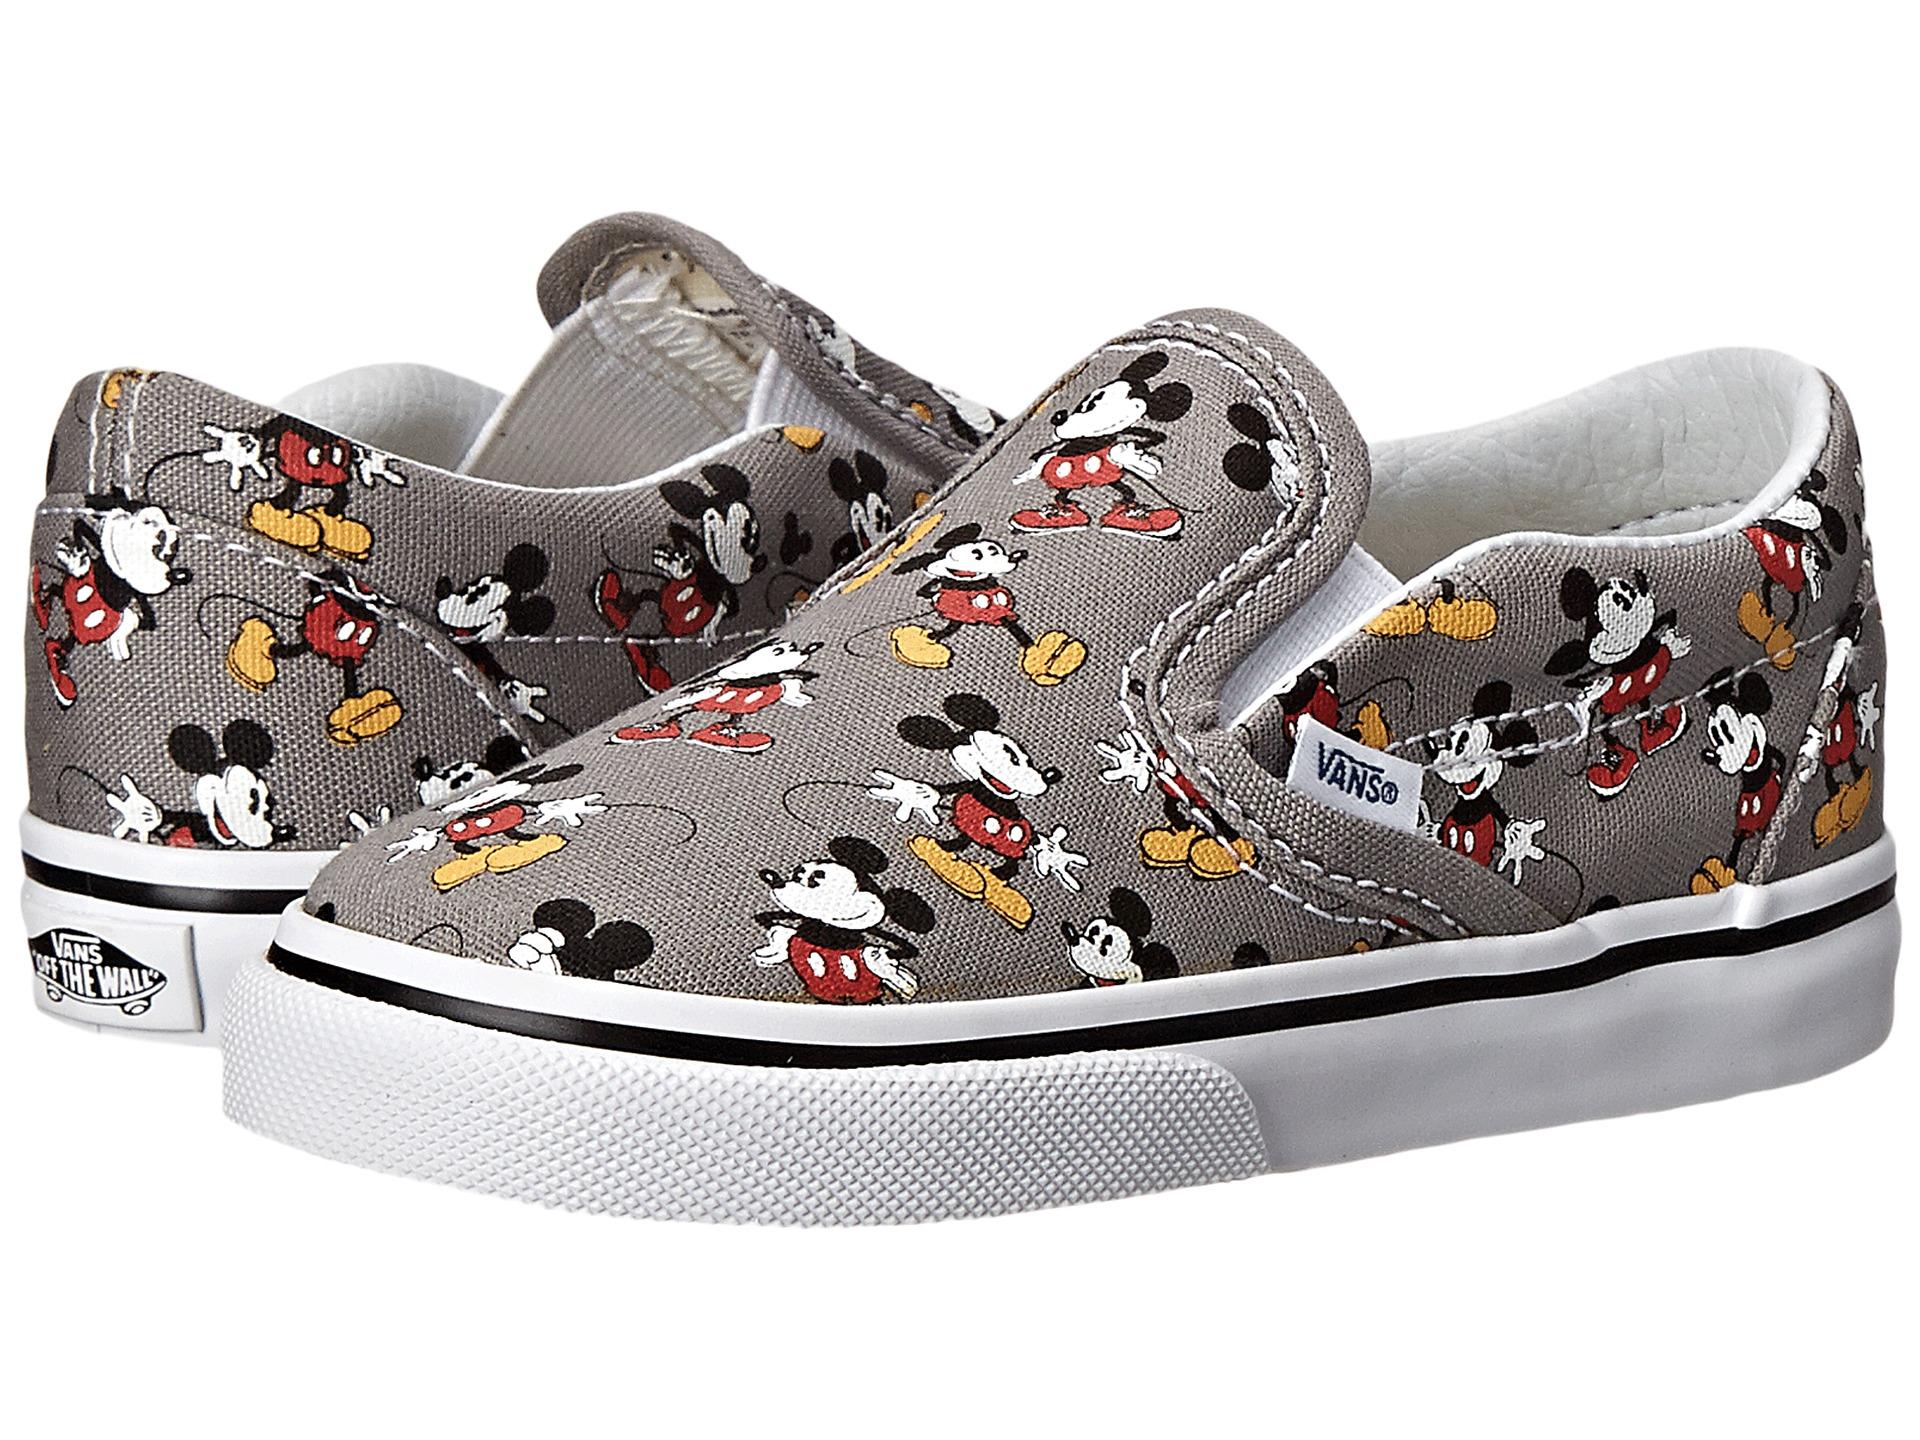 Vans Disney Baby Shoes